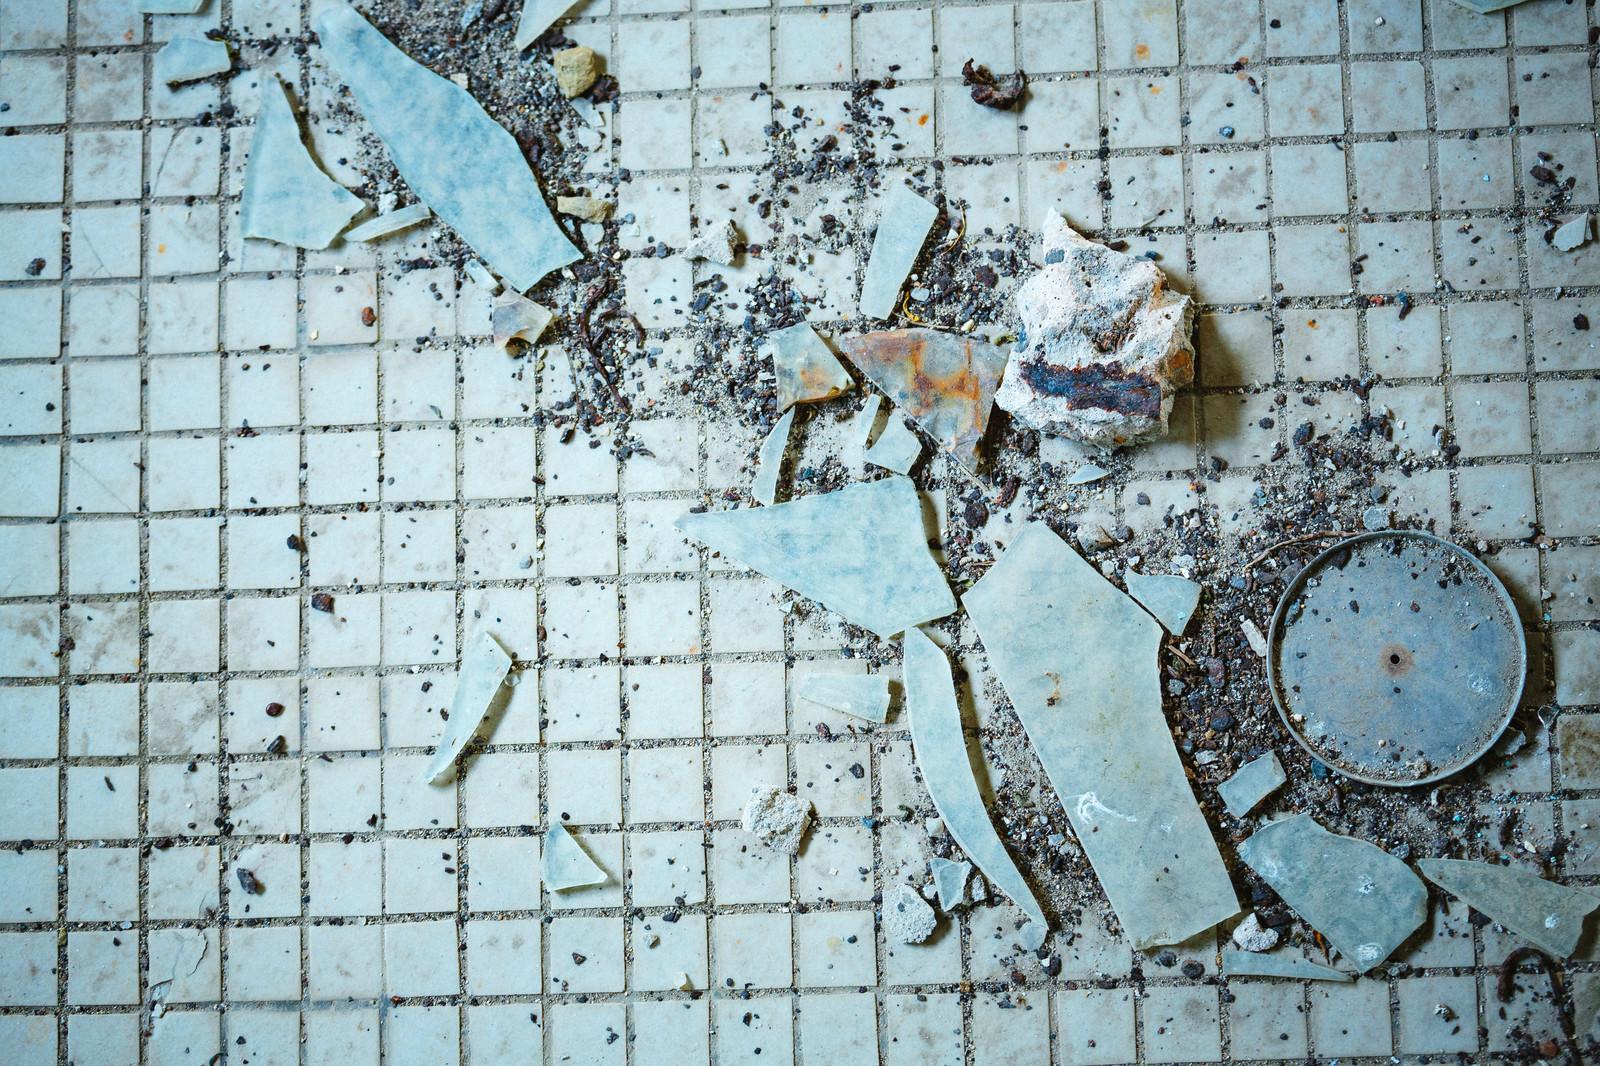 「古びたタイルとガラス片」の写真